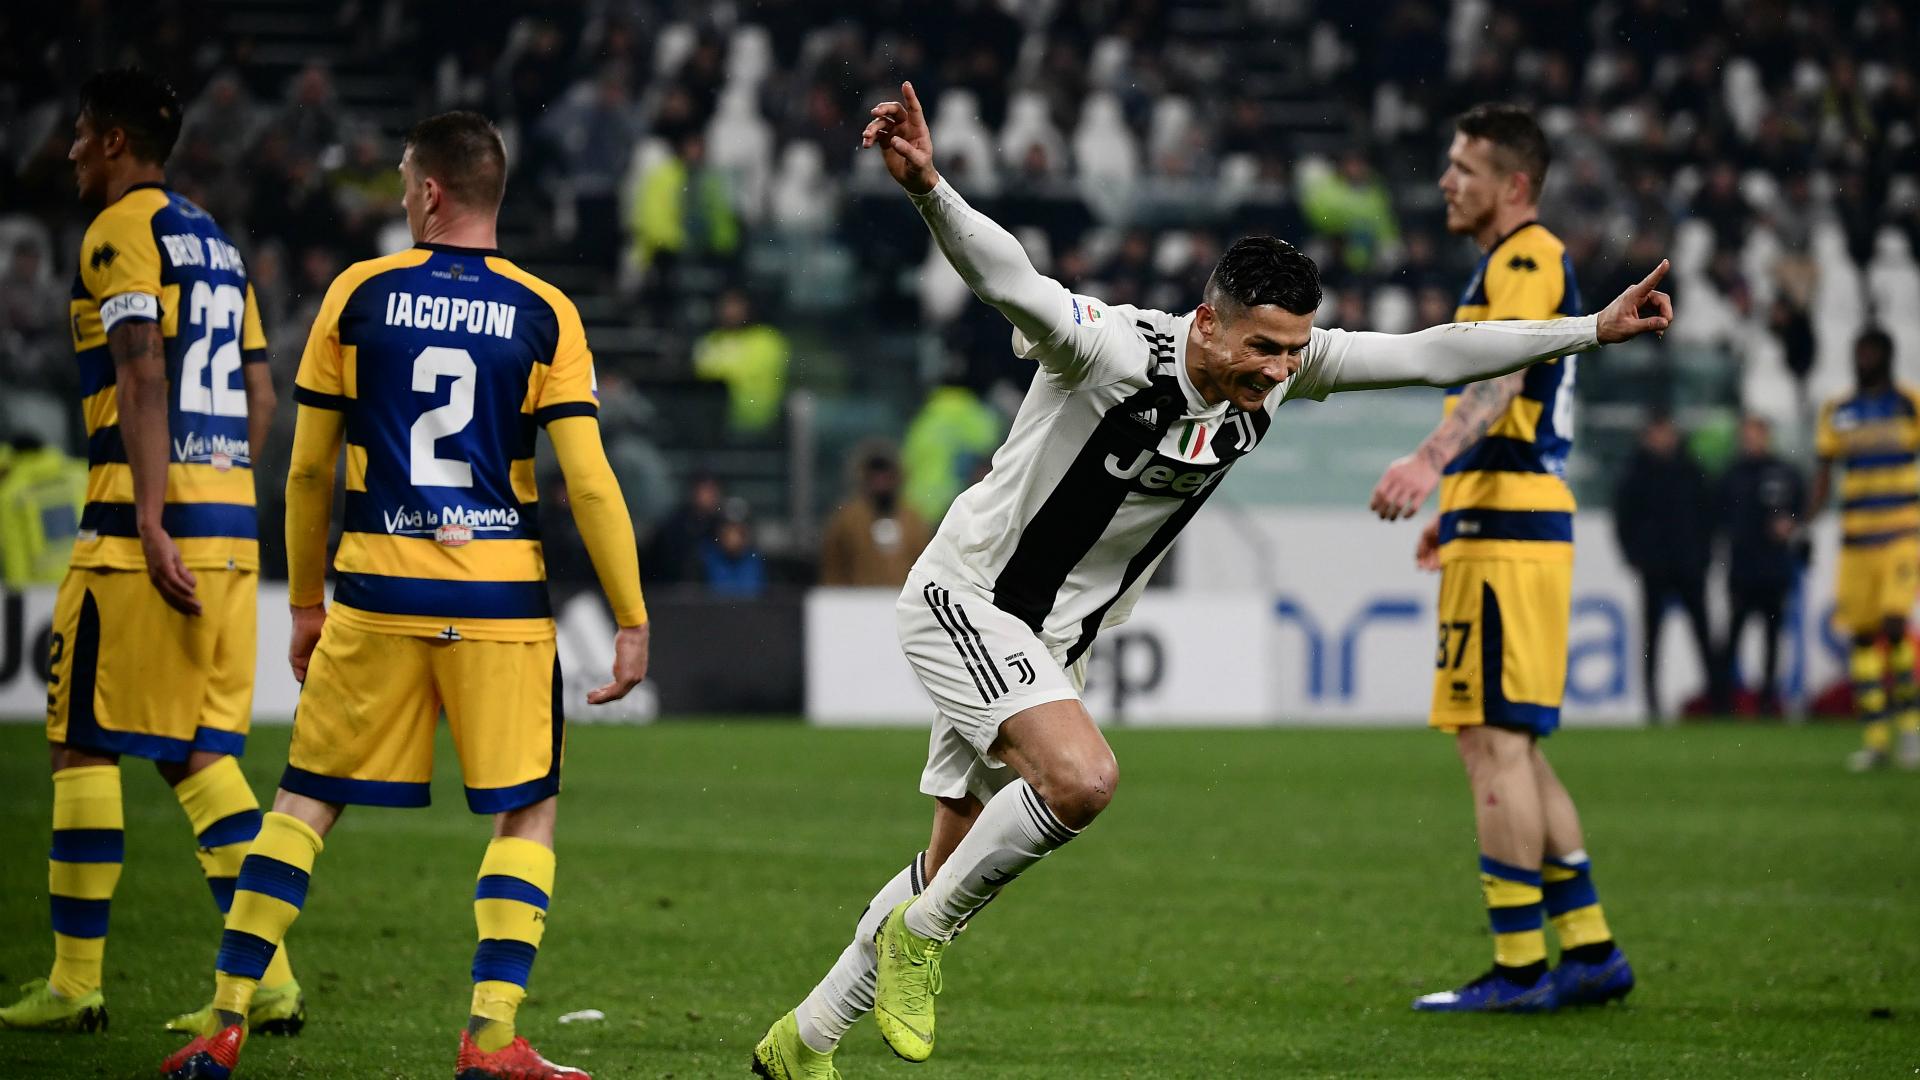 Calendario Parma Lega Pro.Calendario Serie A 2019 20 Prima Giornata Con Parma